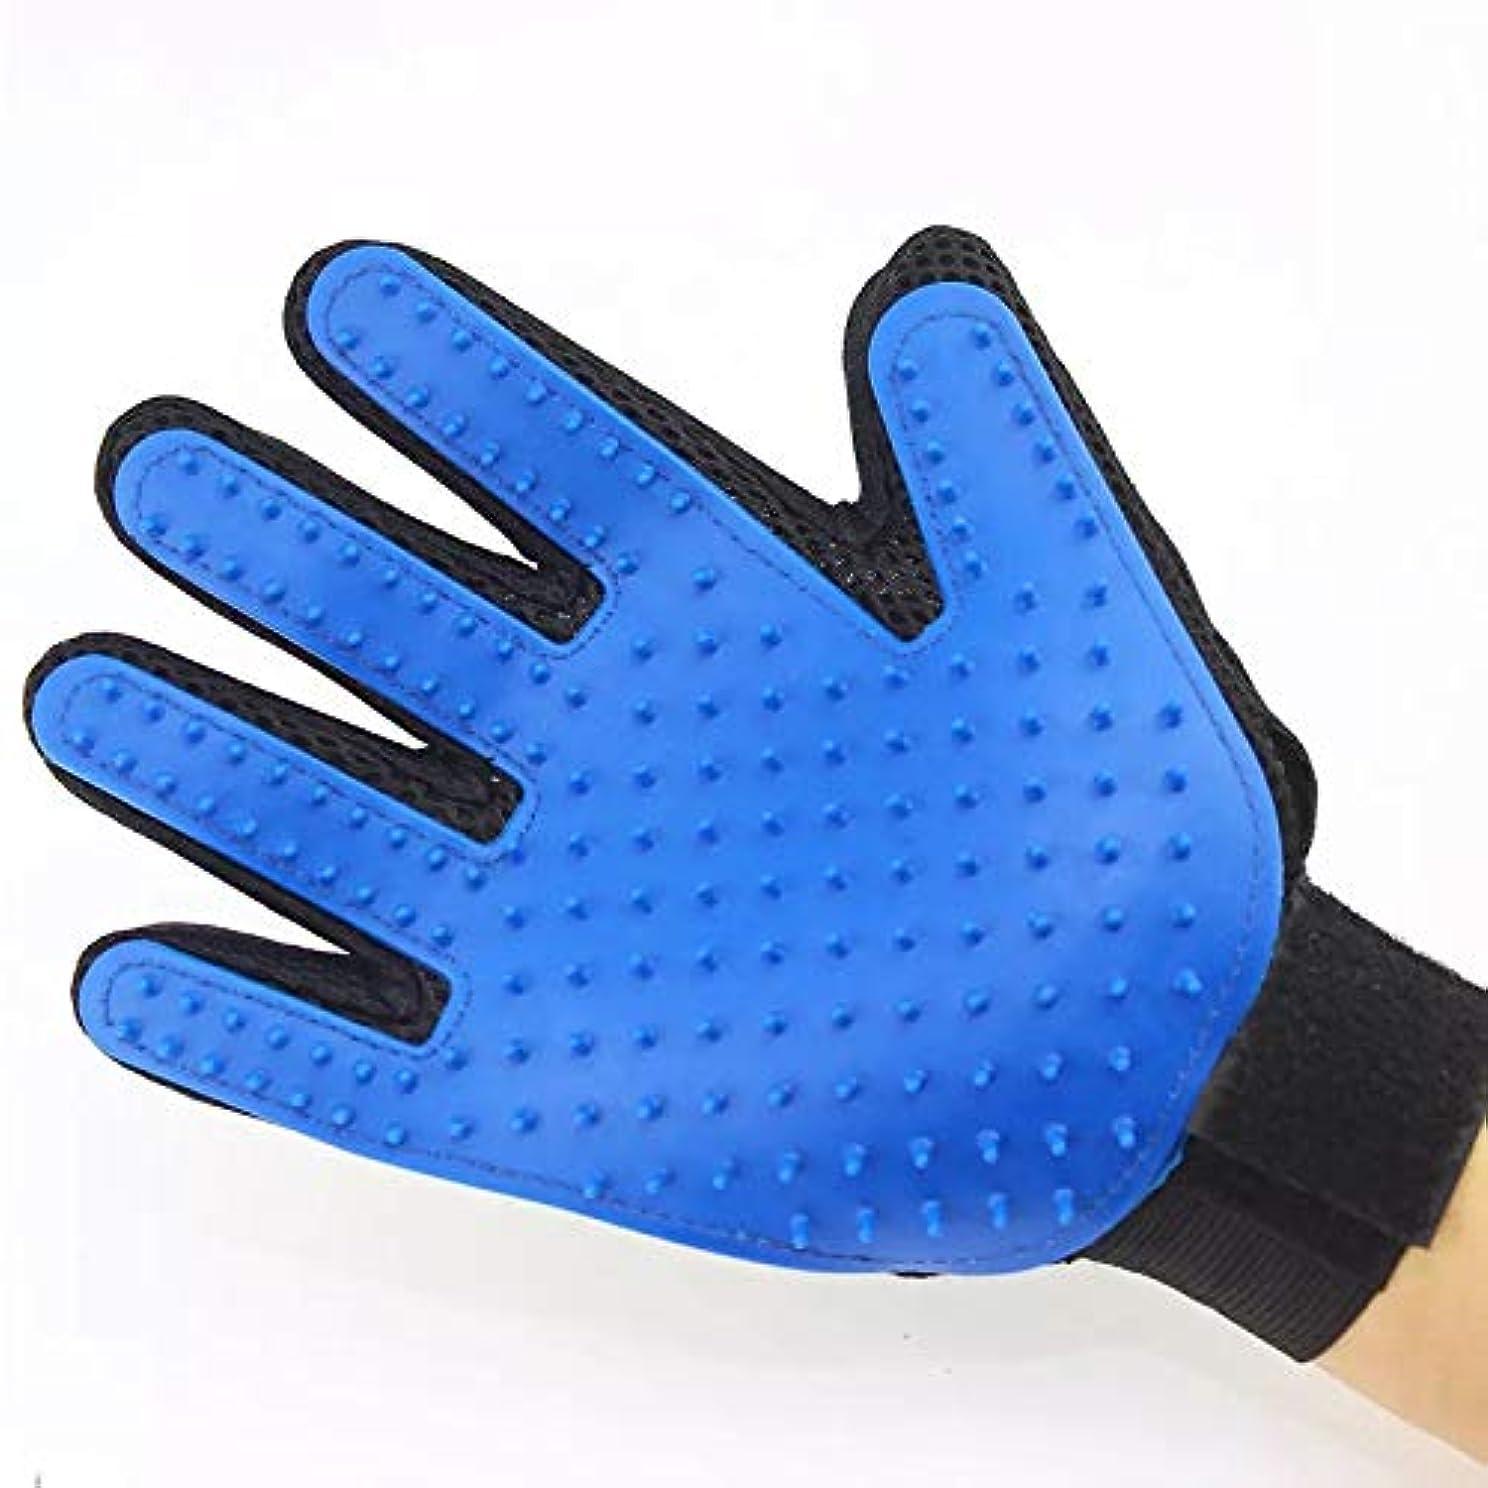 等々リーガン配送BTXXYJP ペット ブラシ 手袋 猫 犬 ブラシ グローブ クリーナー 耐摩耗 抜け毛取り マッサージブラシ グローブ (Color : Red, Style : Right hand)